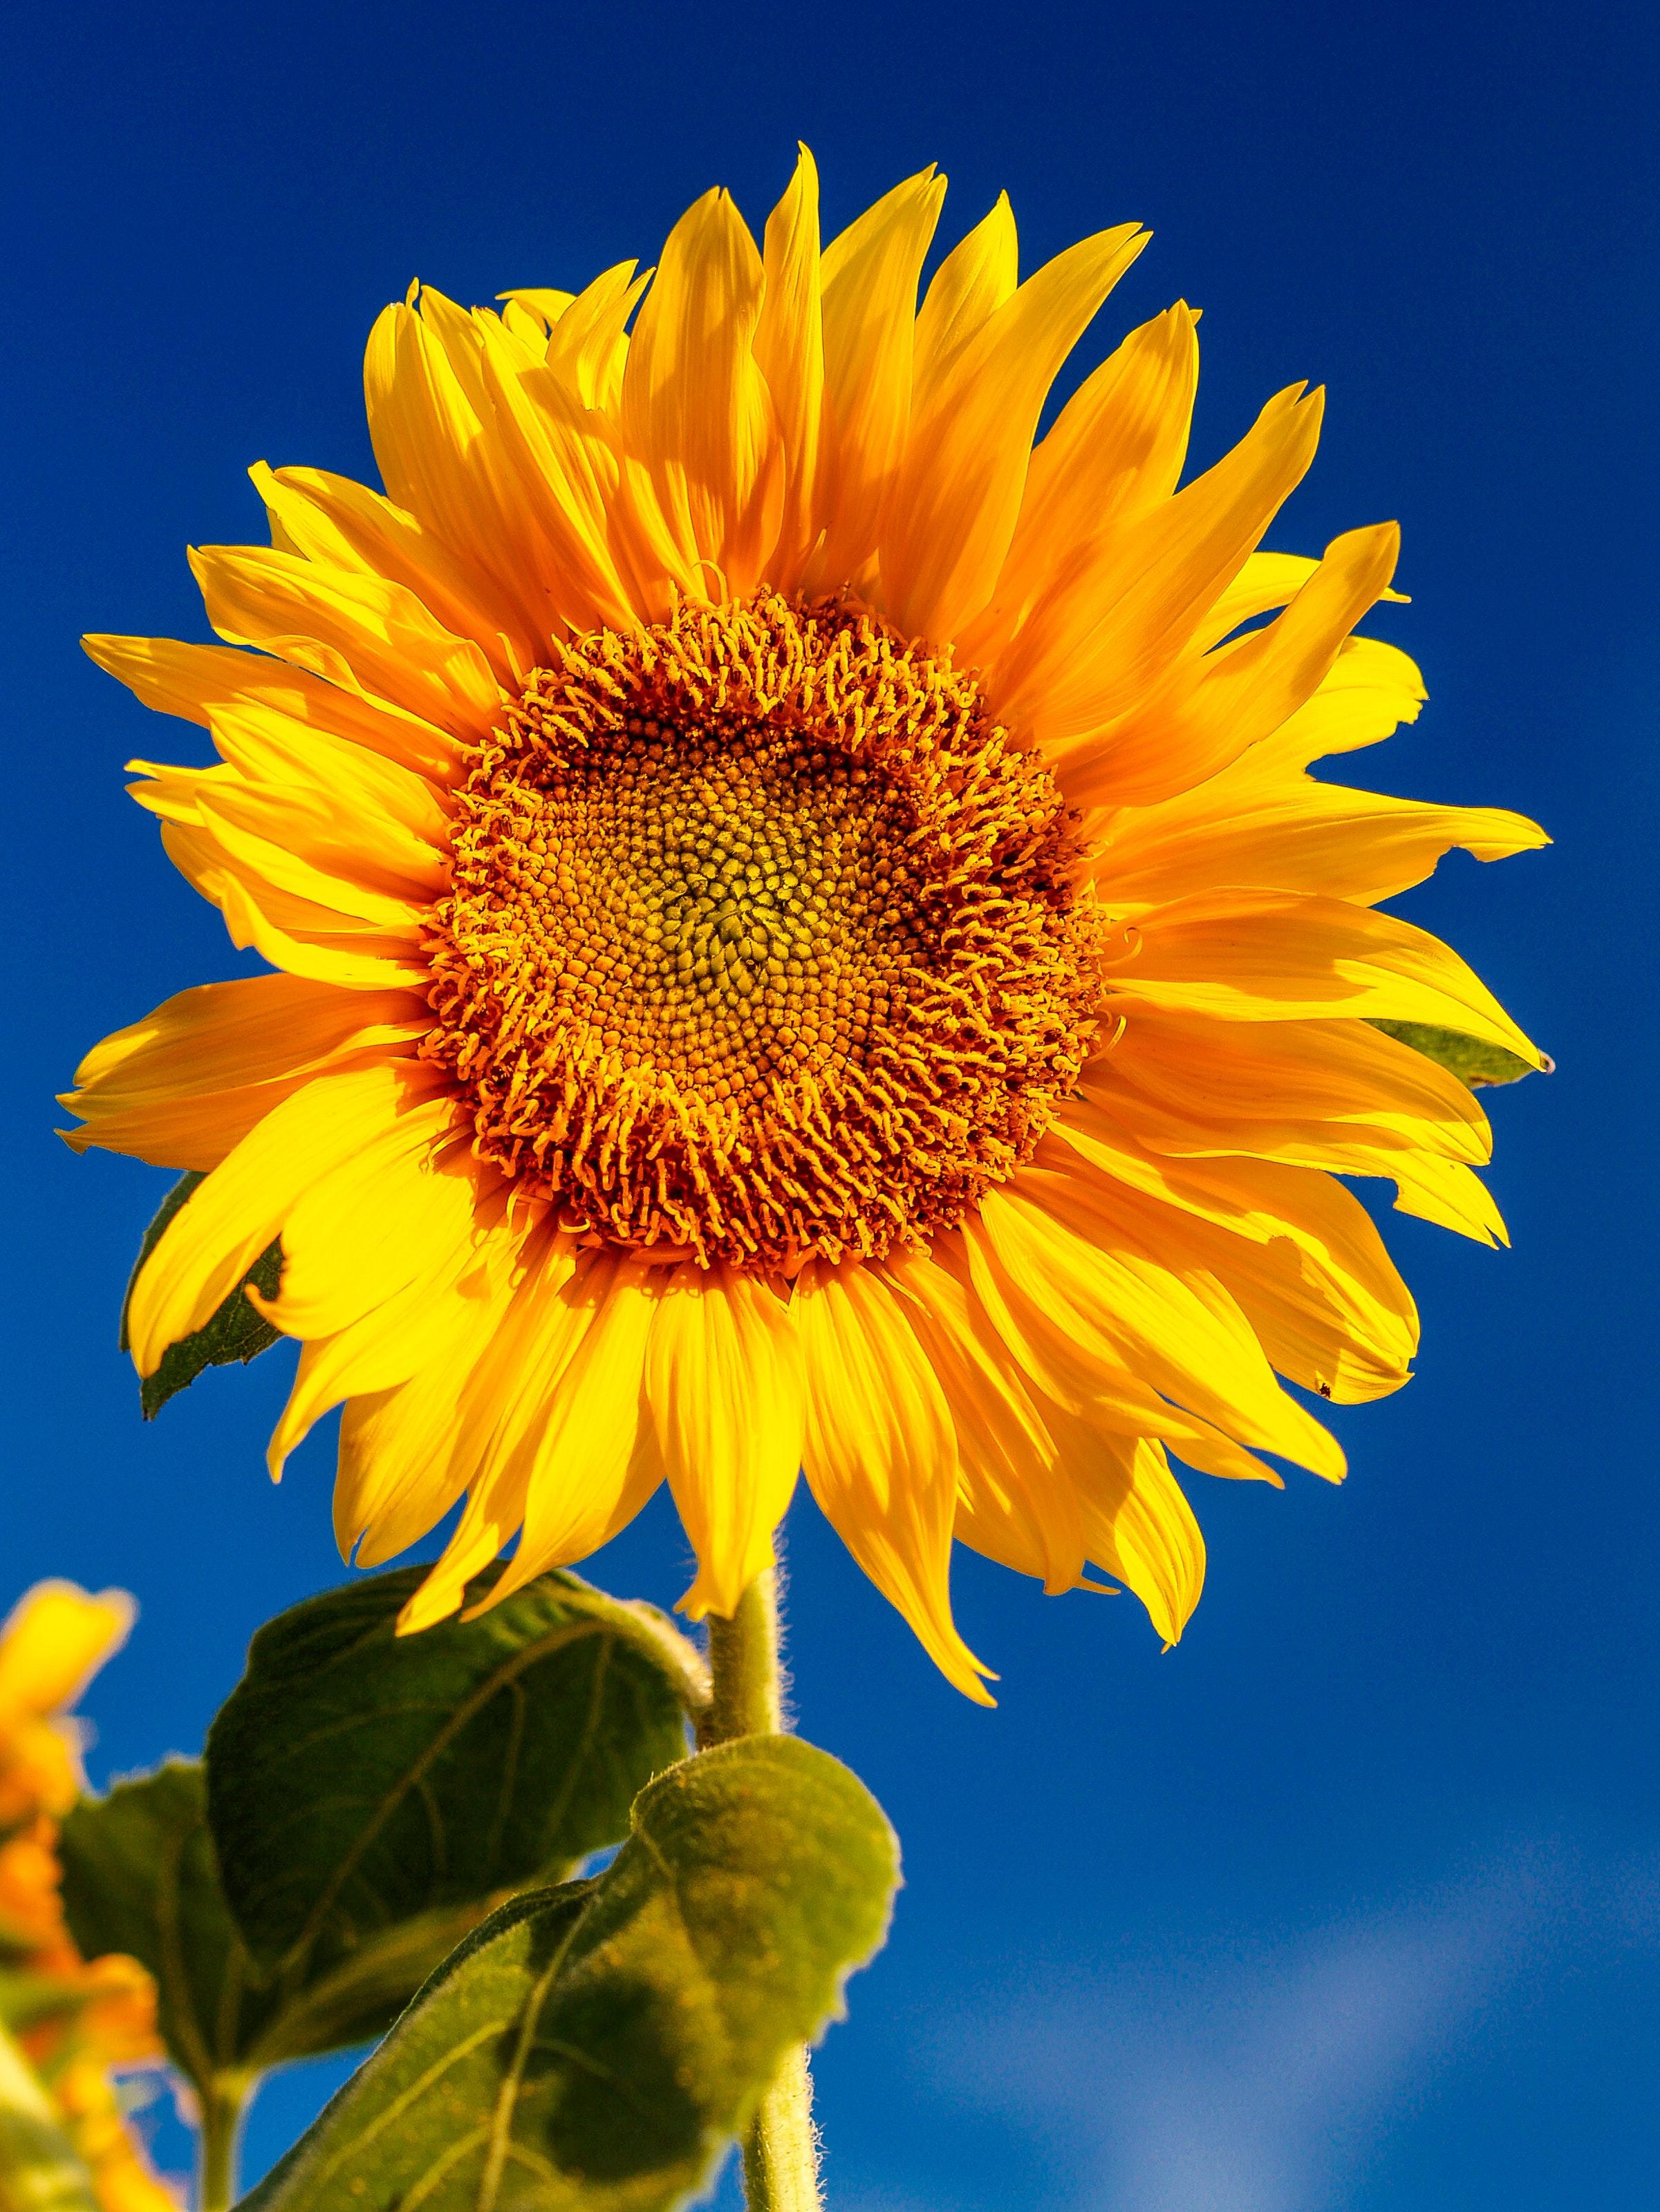 blossom-flora-flower-1214259.jpg